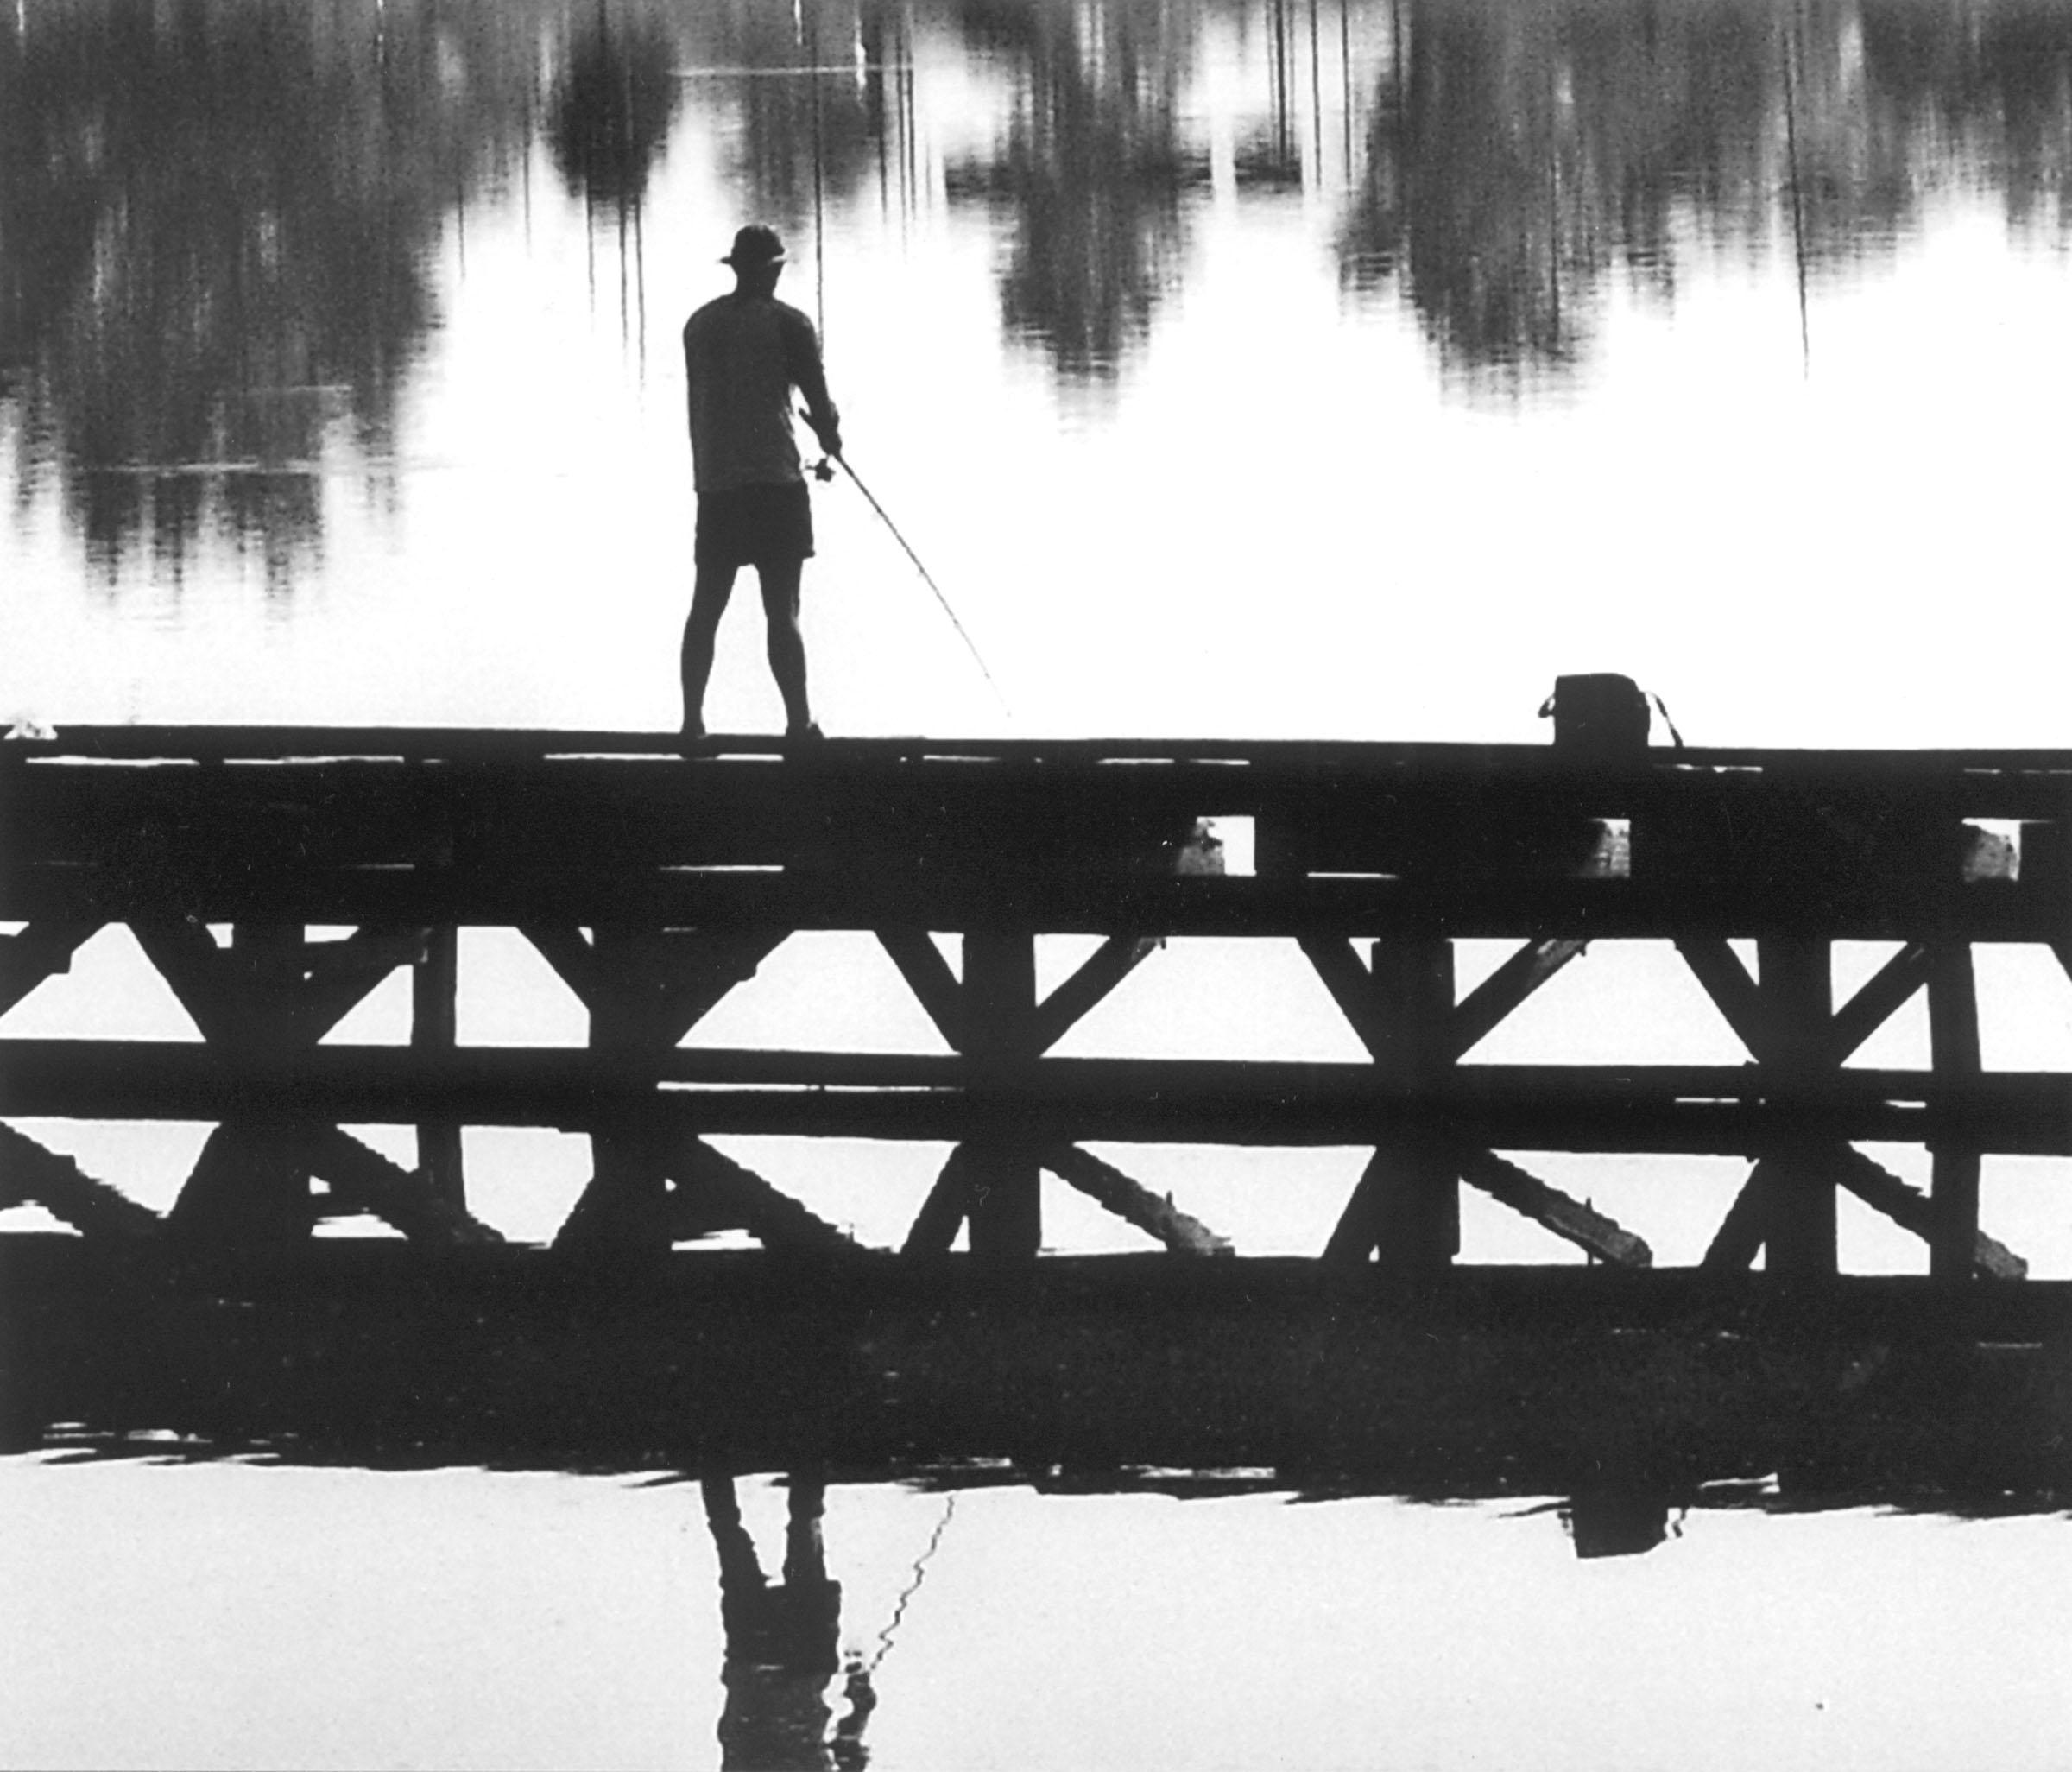 2004.09.18. Hétköznapok fotópályázat - Ölbey Zoltán - A stég.jpg